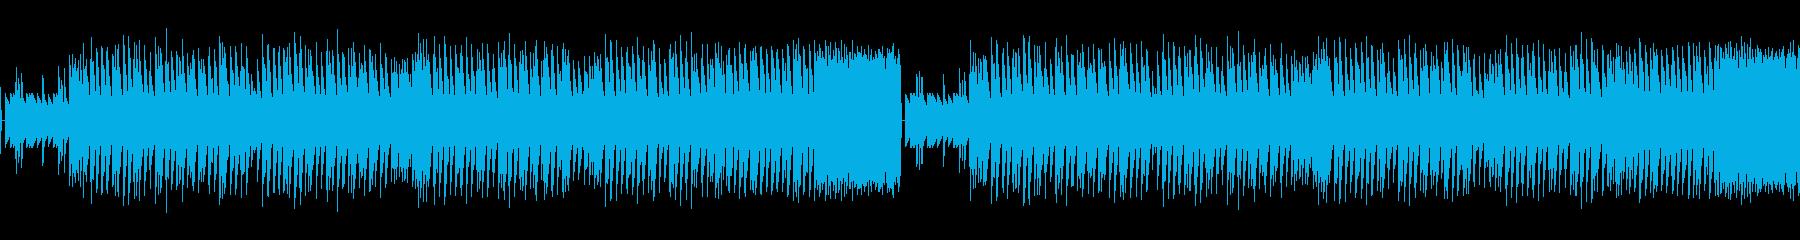 和風で軽快なレトロゲームサウンドの再生済みの波形